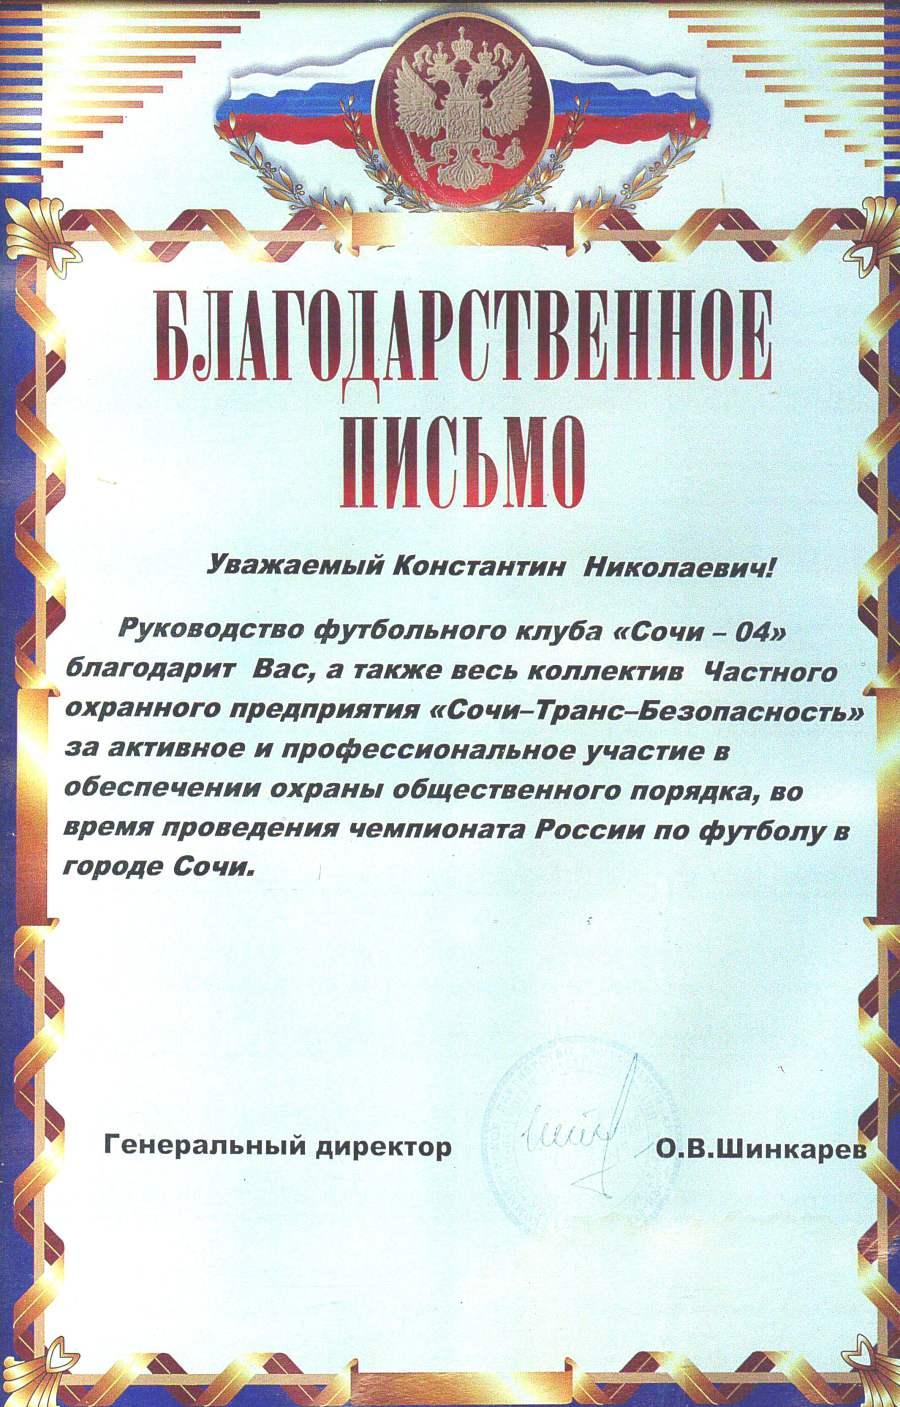 """Футбольный клуб """"Сочи-04"""""""